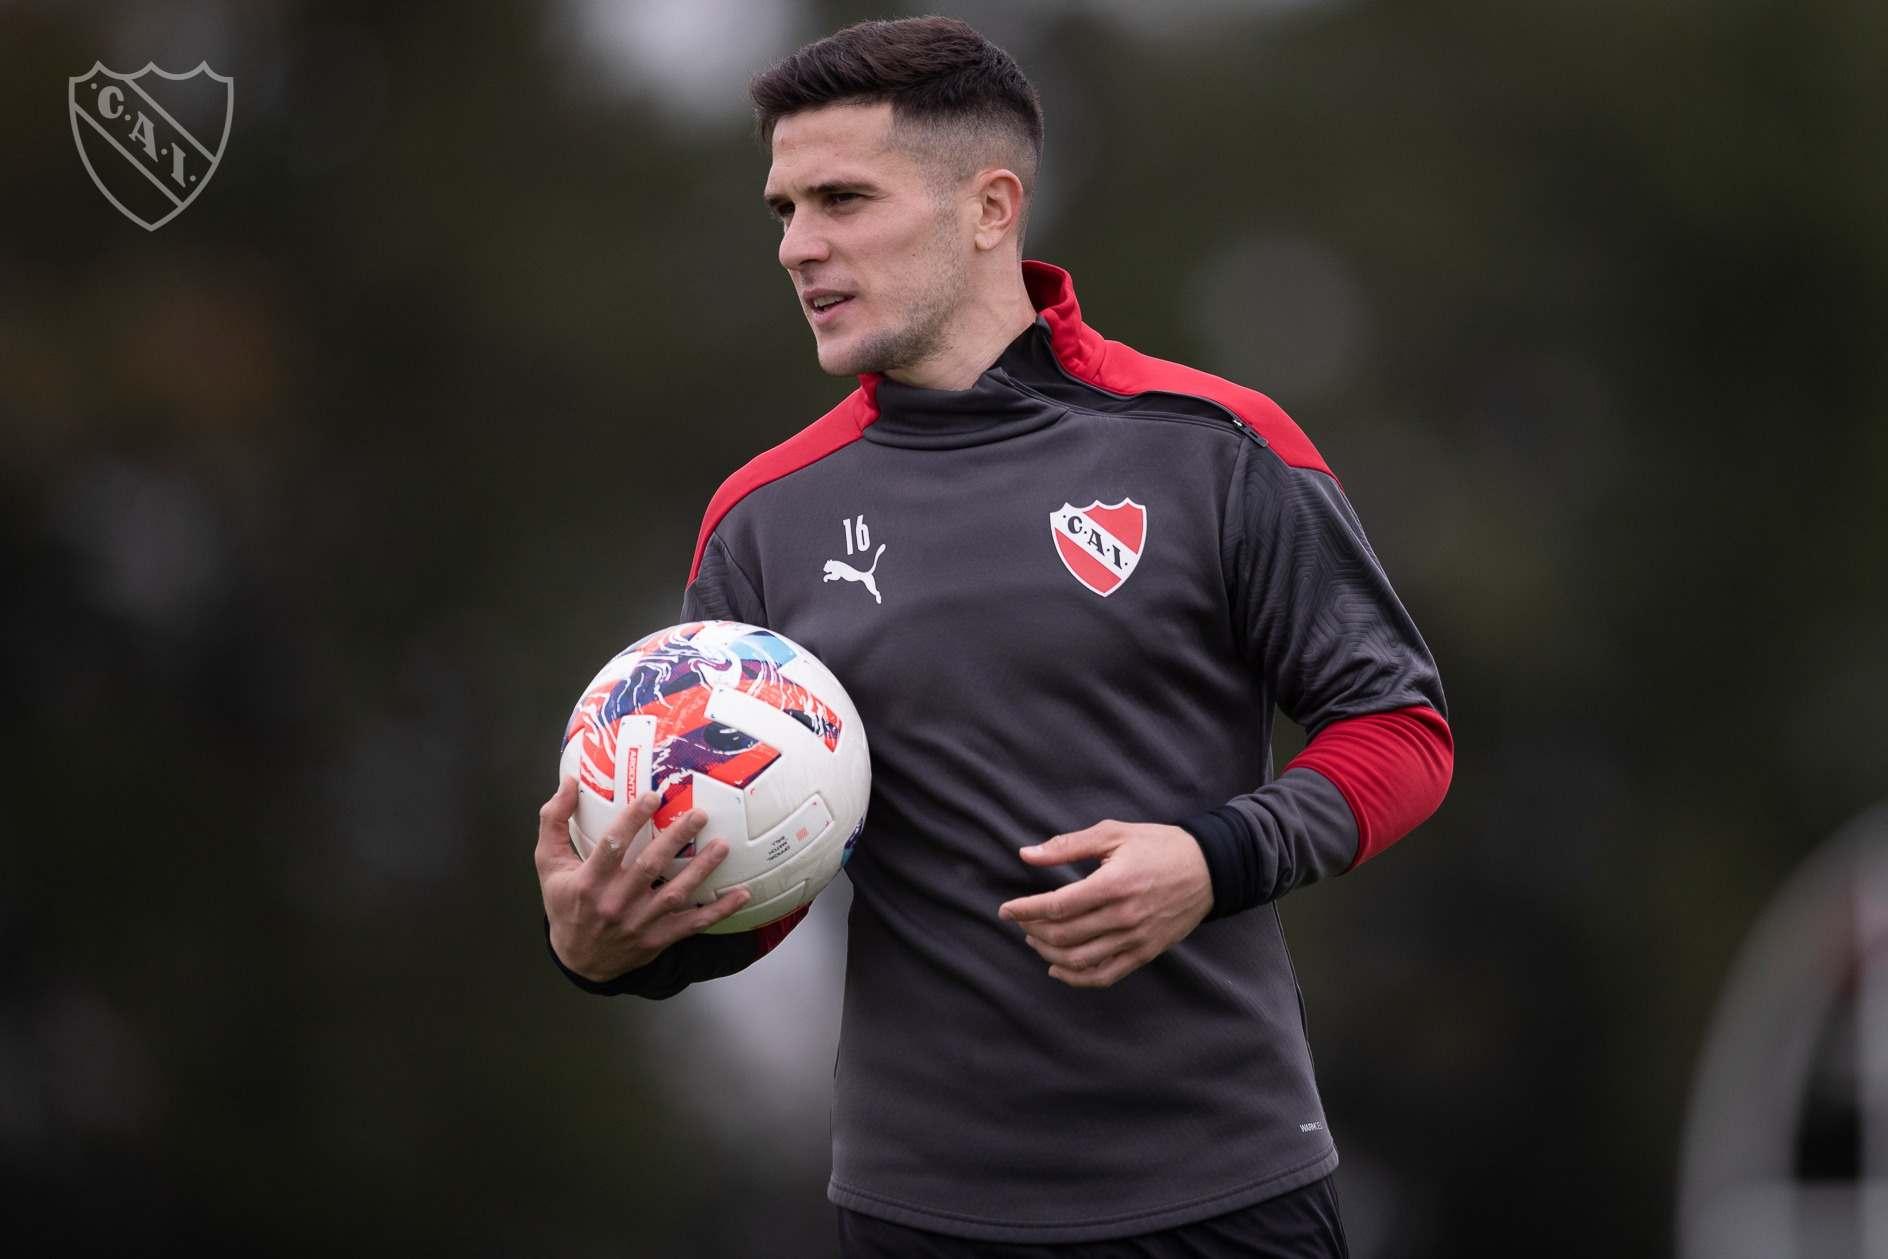 Fabri Bustos viene en un claro ascenso futbolístico e Independiente necesita mucho de él.